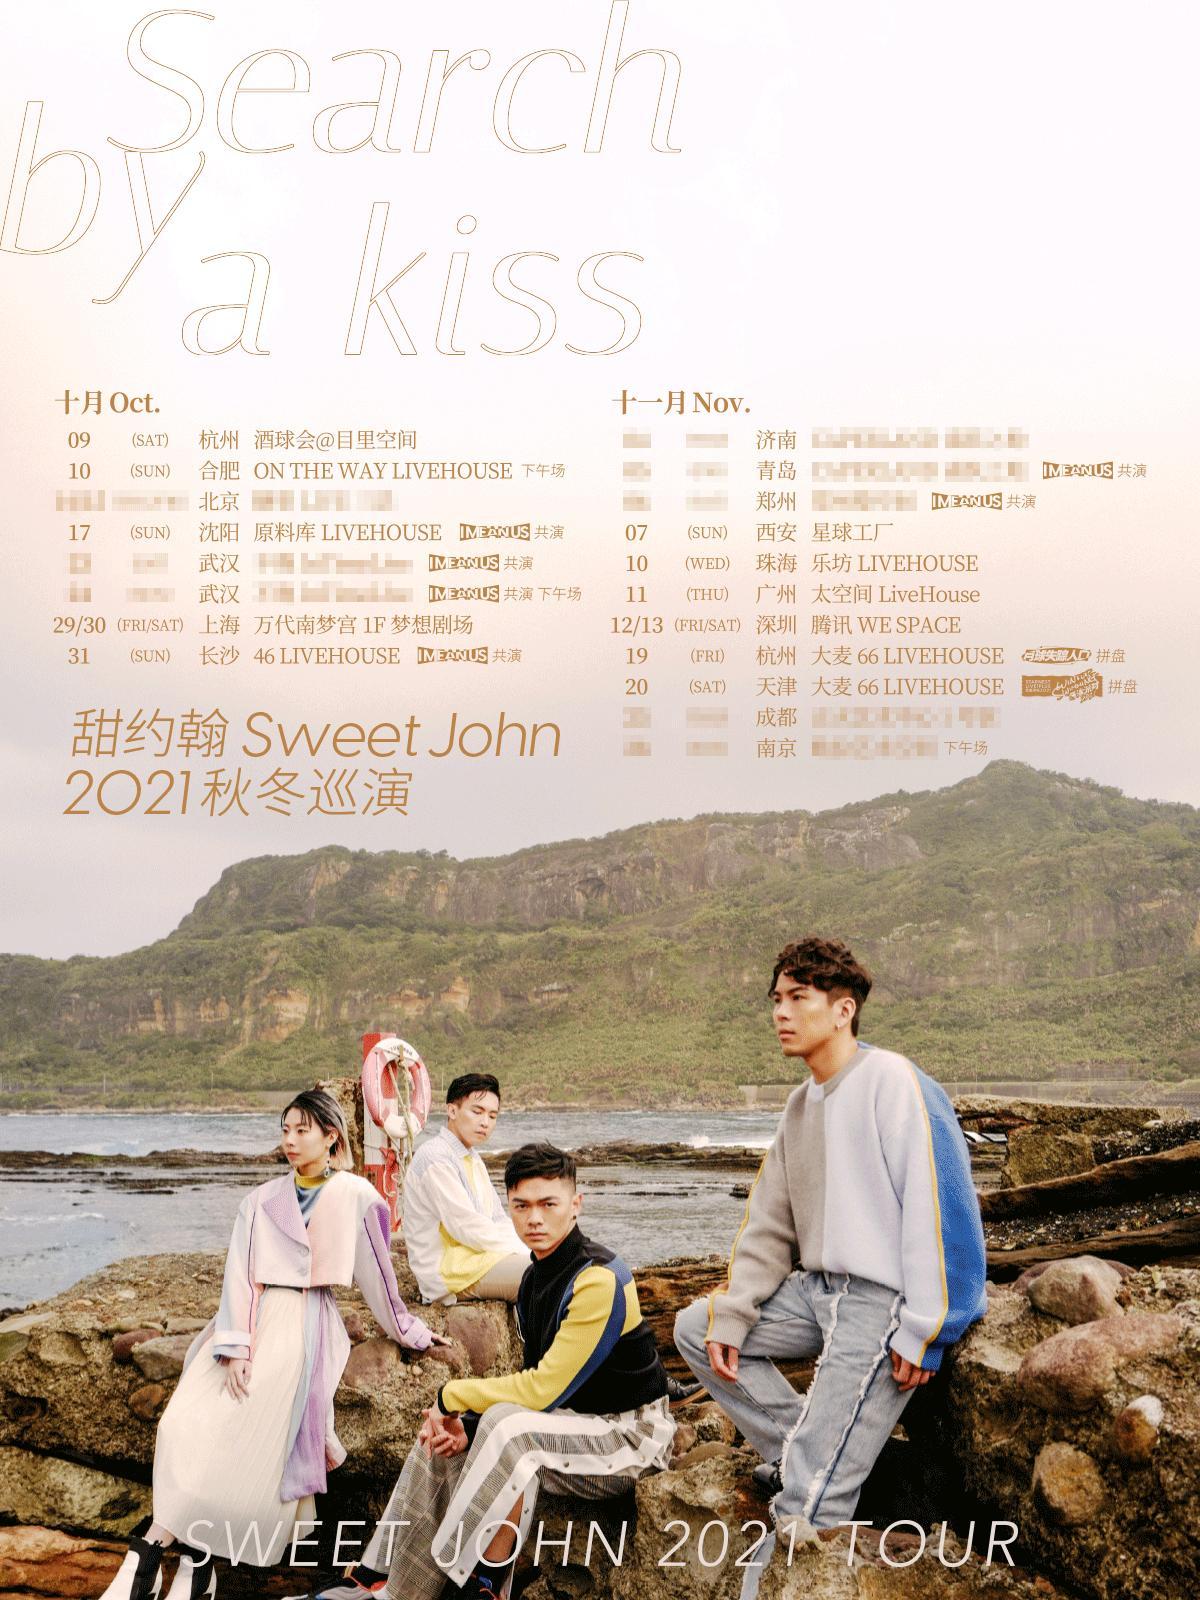 「甜约翰」2021巡演 上海站